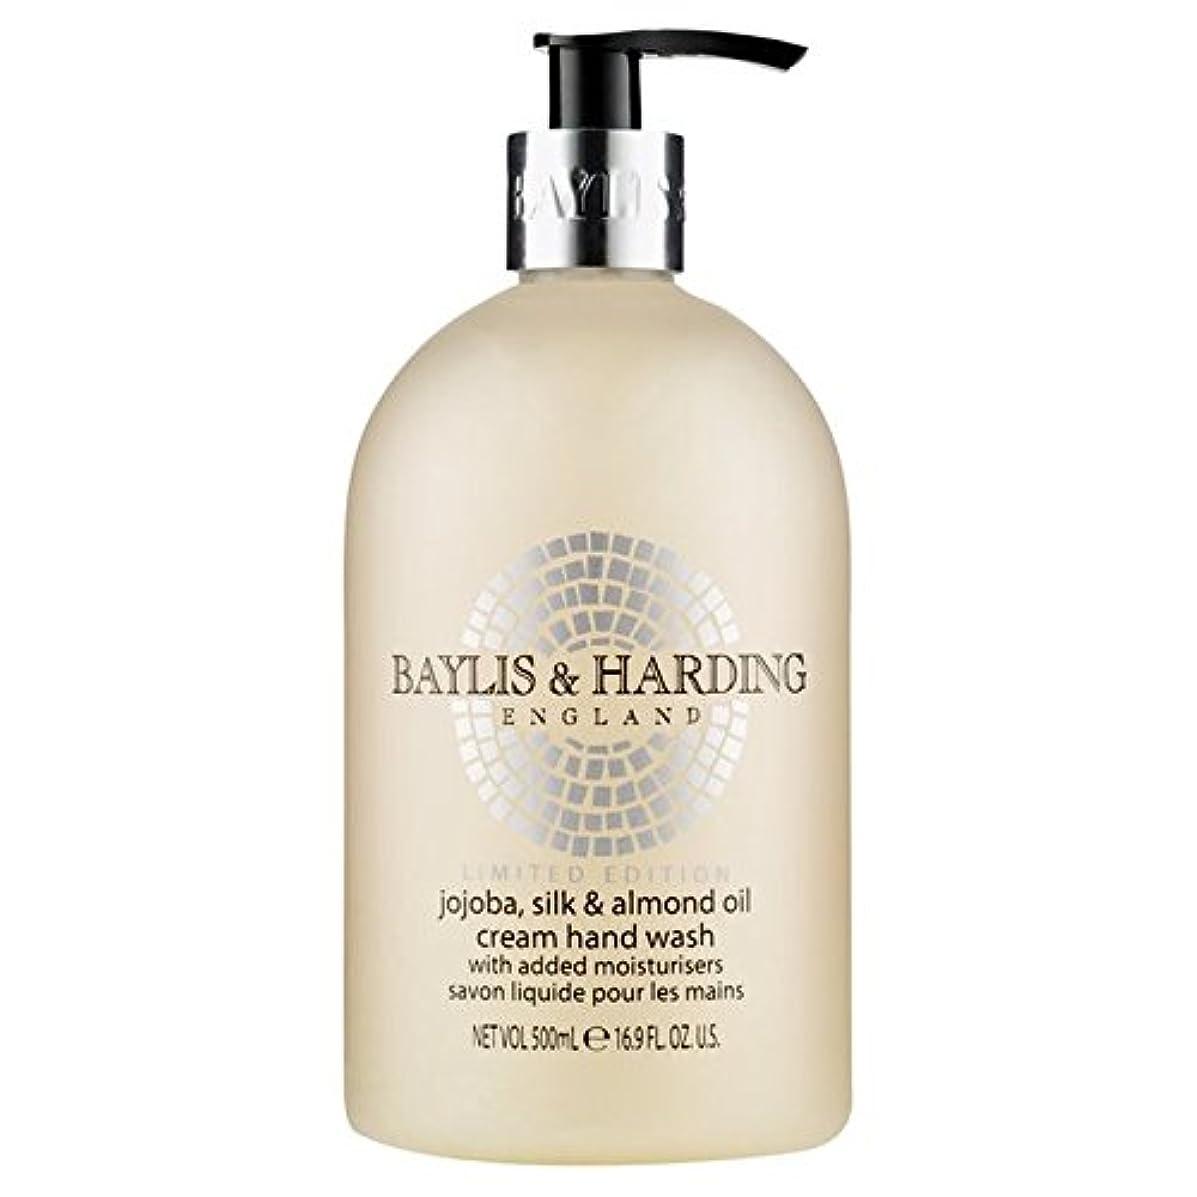 専門知識不正分析Baylis & Harding Jojoba, Silk & Almond Oil Hand Wash 500ml (Pack of 6) - ベイリス&ハーディングホホバ、シルク&アーモンドオイルハンドウォッシュ500...